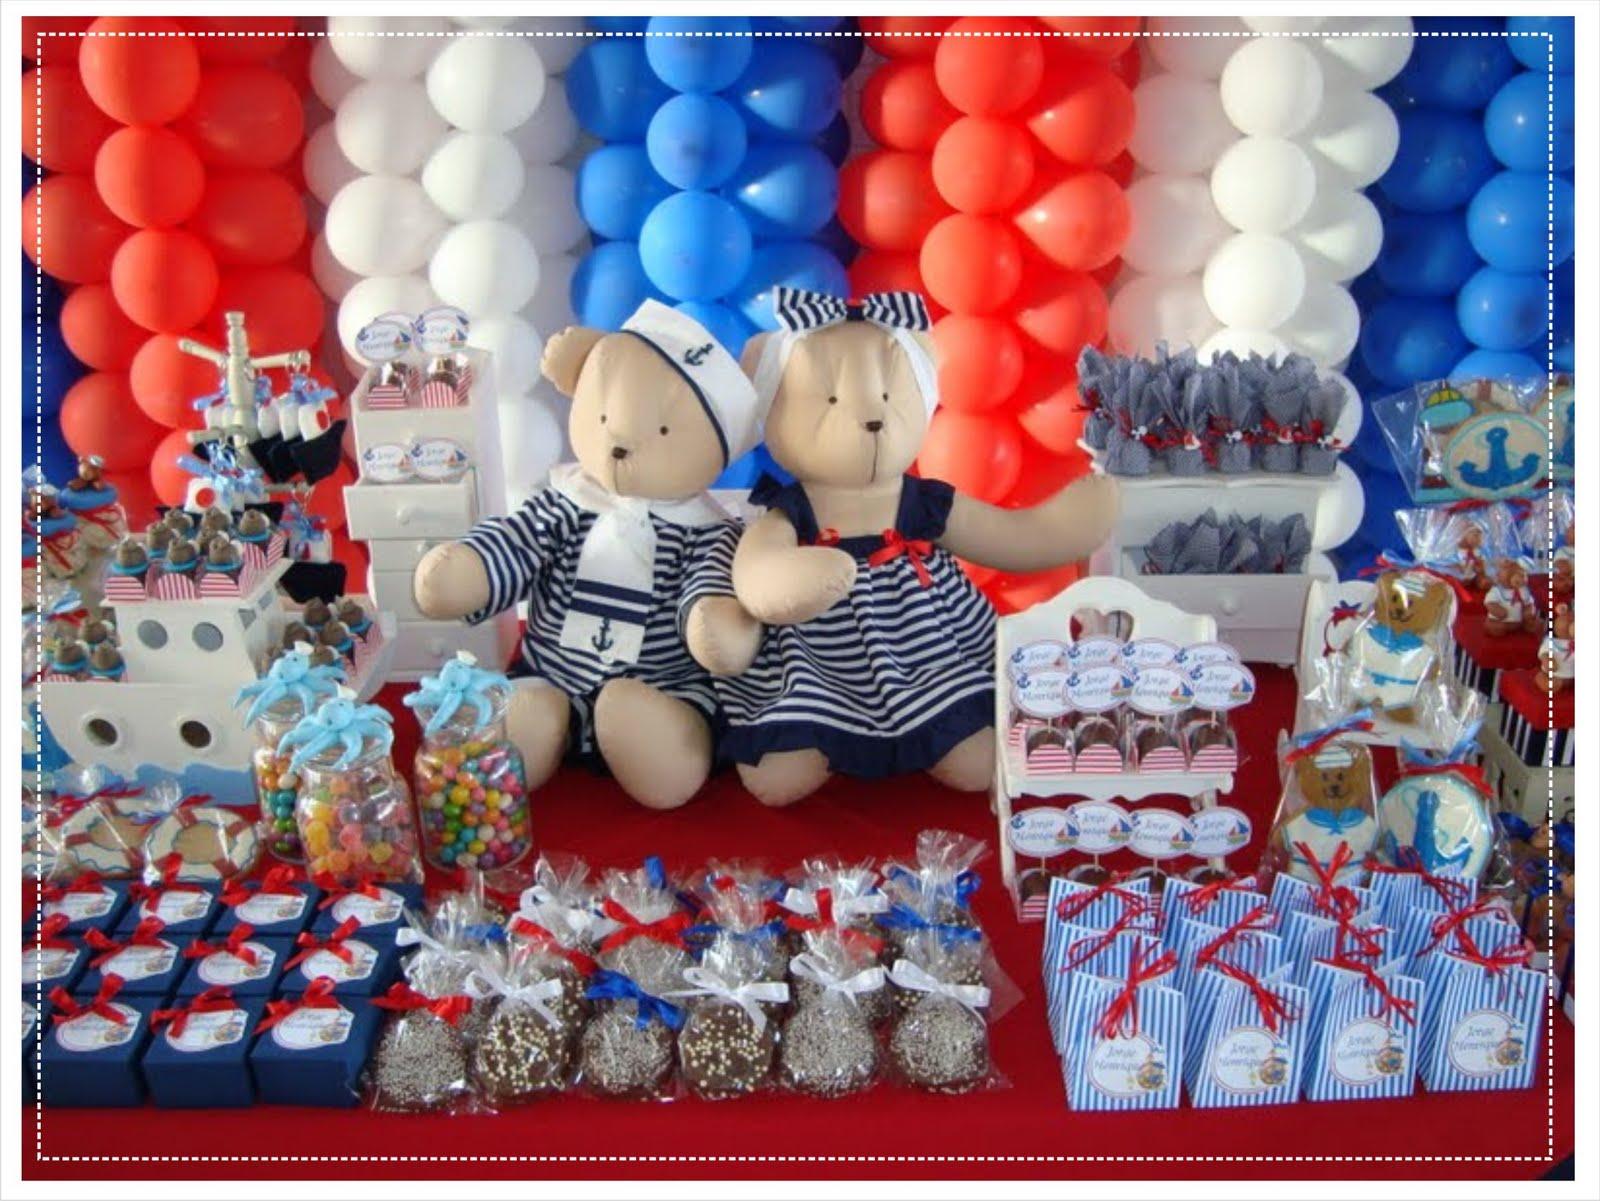 Ursinhos Marinheiros Digna De Uma Festa Para Comemorar O Primeiro Ano~ Decoracao Festa Ursinho Marinheiro